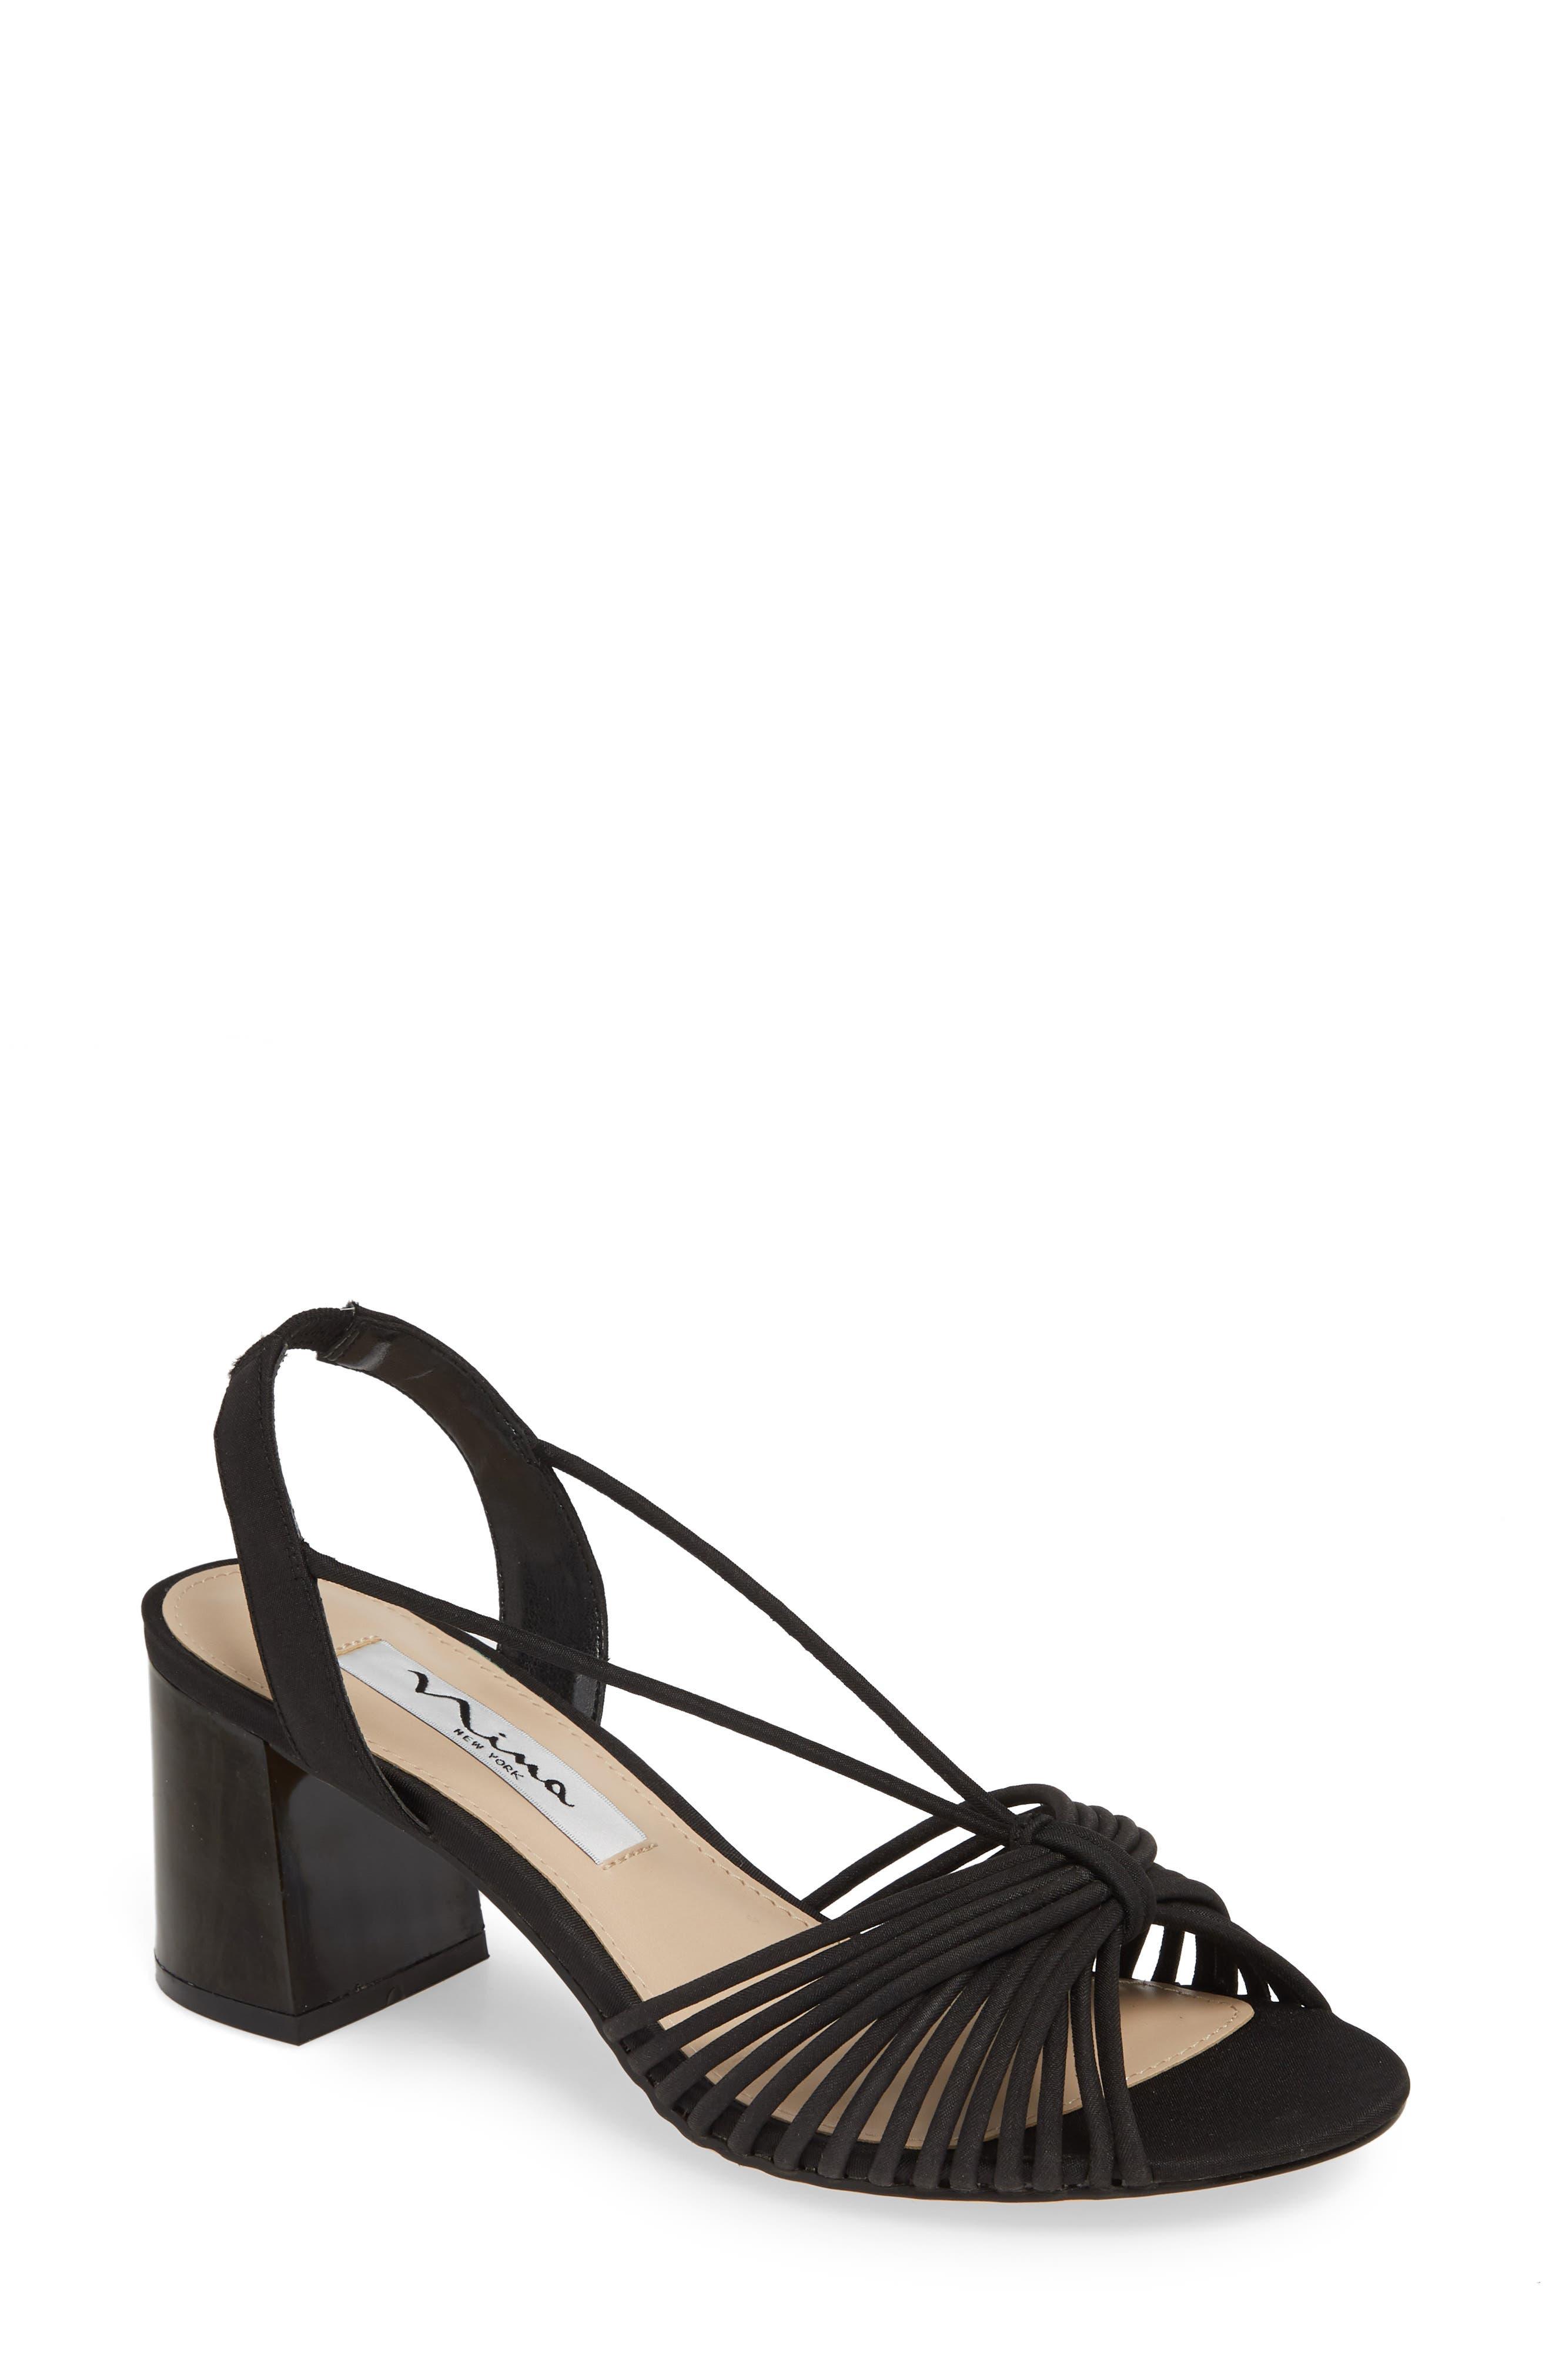 NINA, Nadelyn Strappy Sandal, Main thumbnail 1, color, BLACK FABRIC